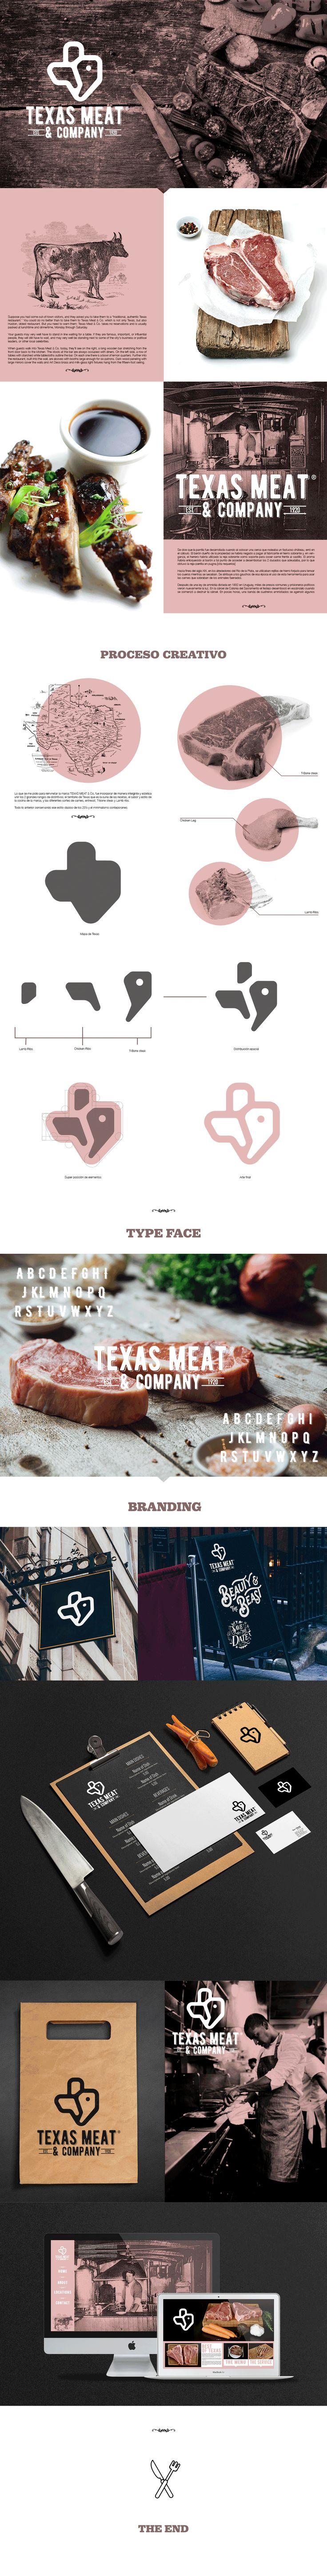 identity / TEXAS MEAT & COMPANY